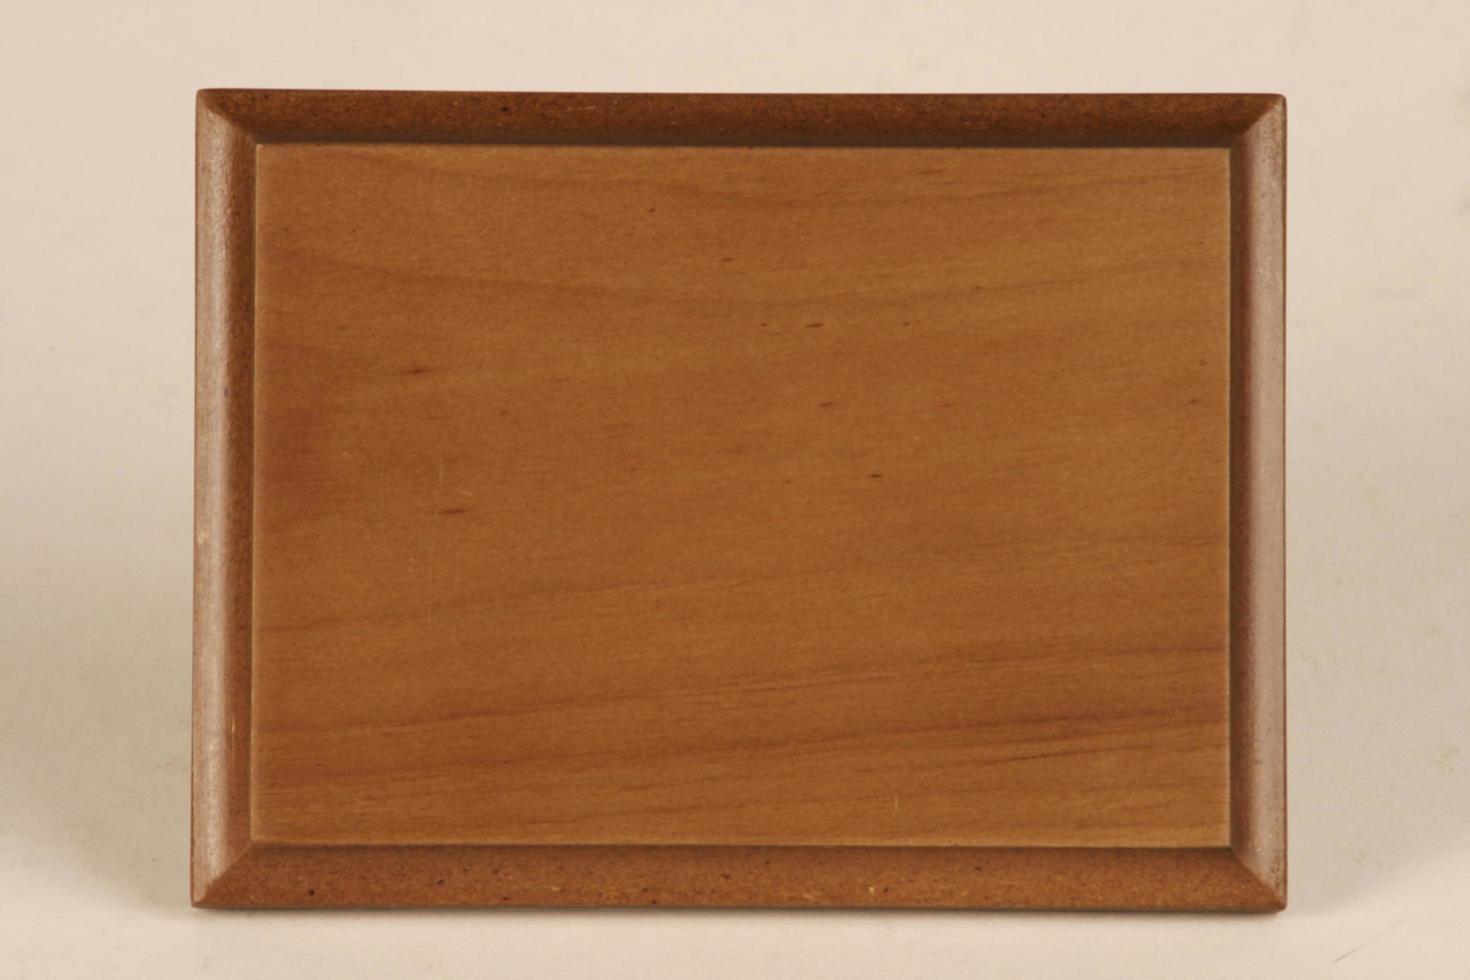 Holzplakettenmuster für Meisterschaft, Leistung und Souvenir foto